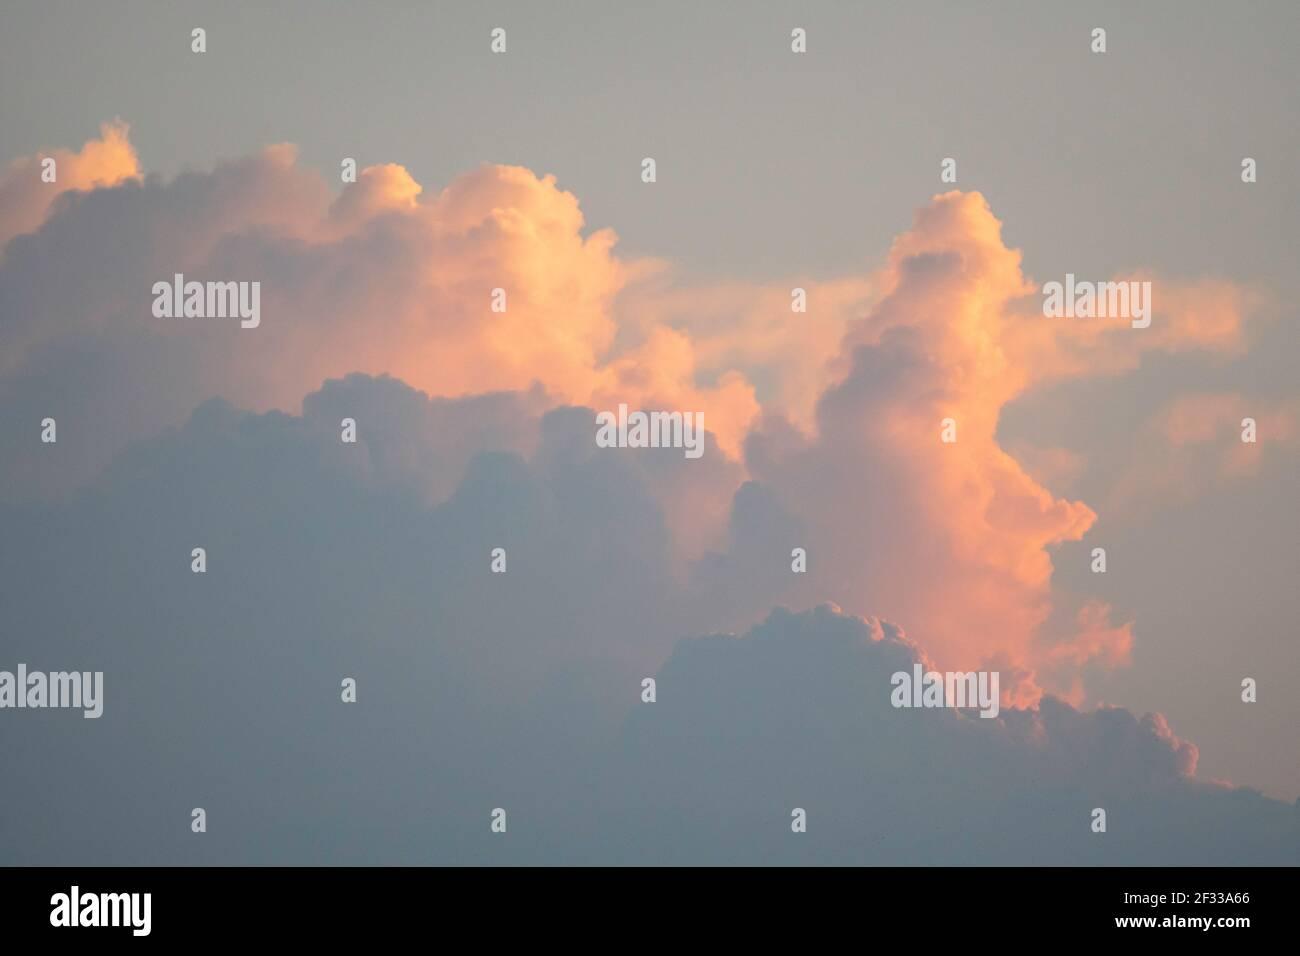 Sommer Blue Sky und weiße Wolken Hintergrund. Schöne klare bewölkt in Sonnenlicht Frühjahrssaison. Panorama lebendige Cyan Wolkenlandschaft in der Natur. O Stockfoto